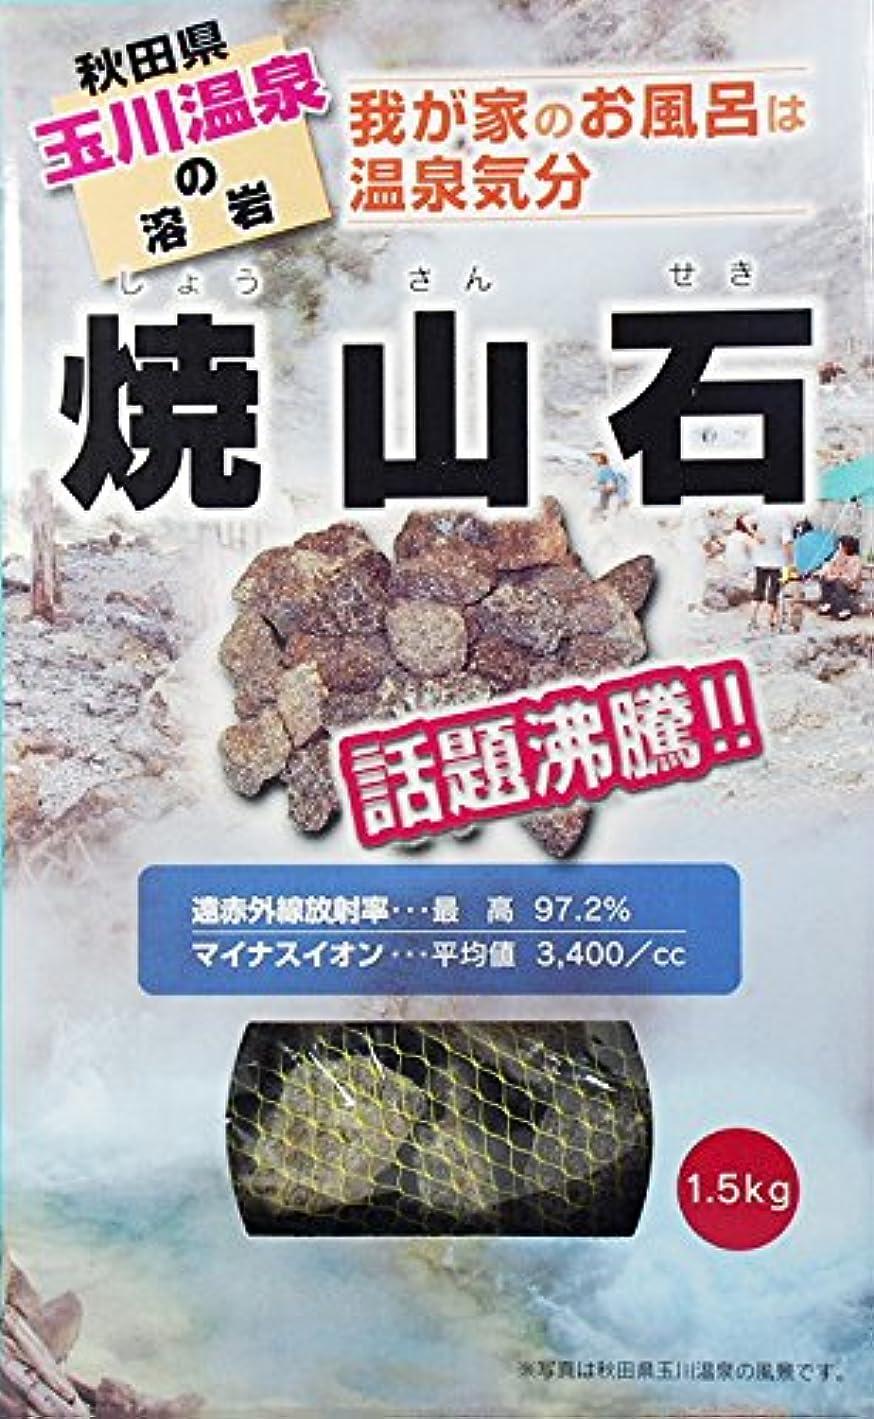 ストローク周り相反する【秋田玉川温泉湧出の核】焼山石1.5kg【お風呂でポカポカに】